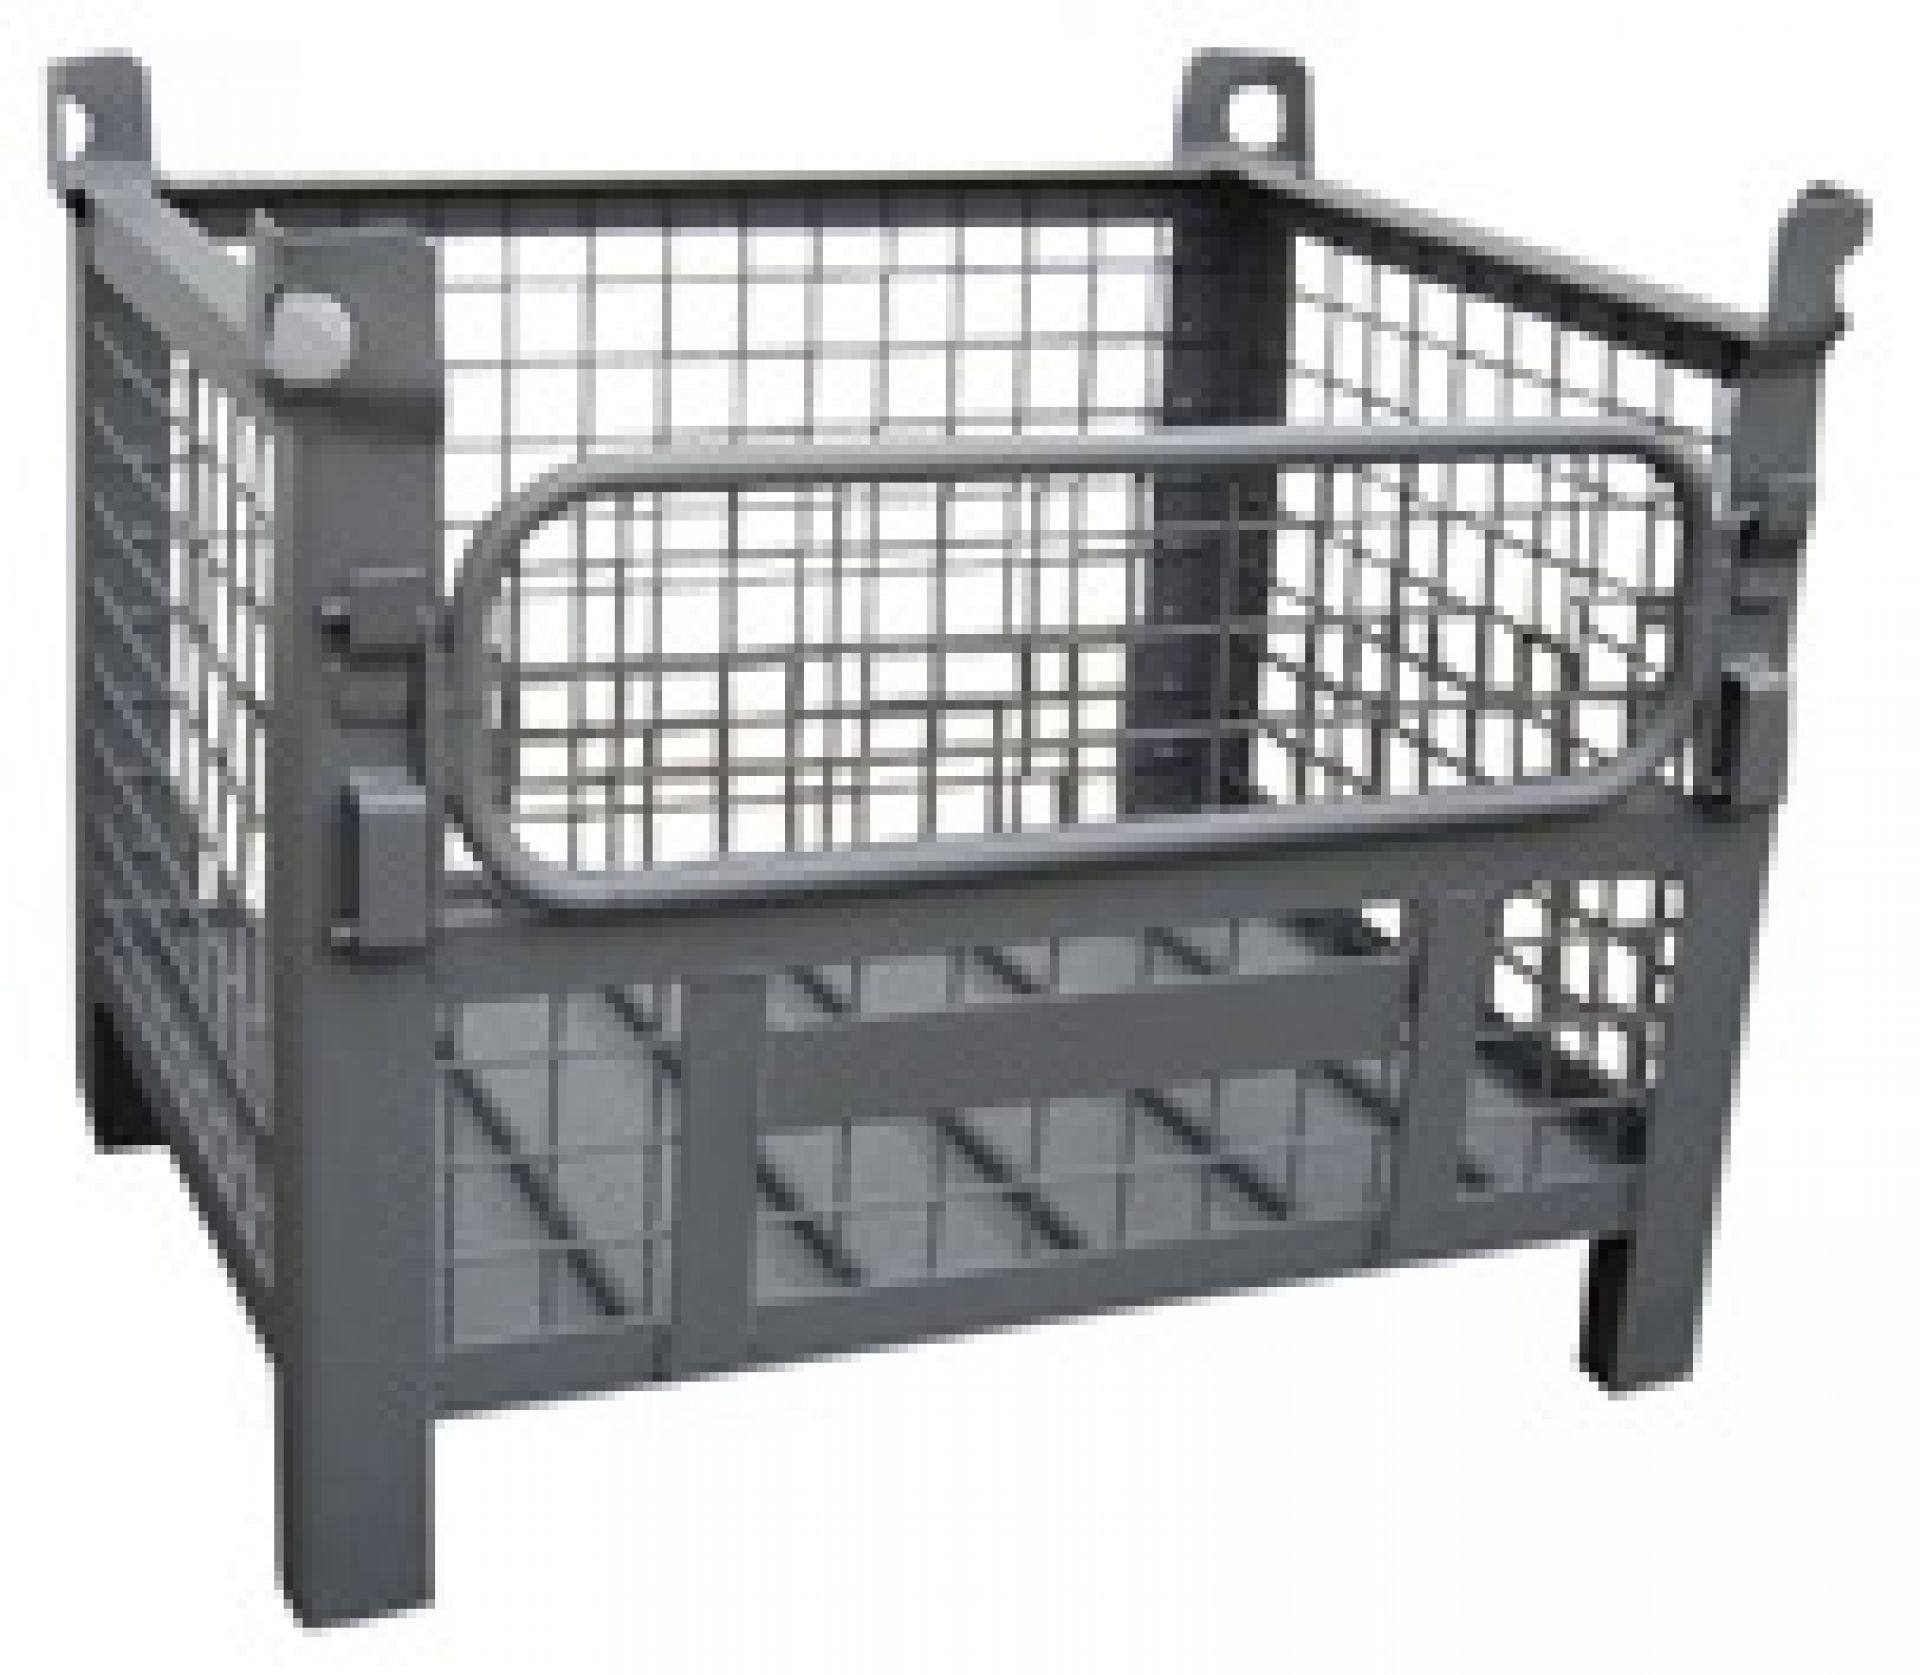 Gitterbehälter mit halber Klappe längsseits